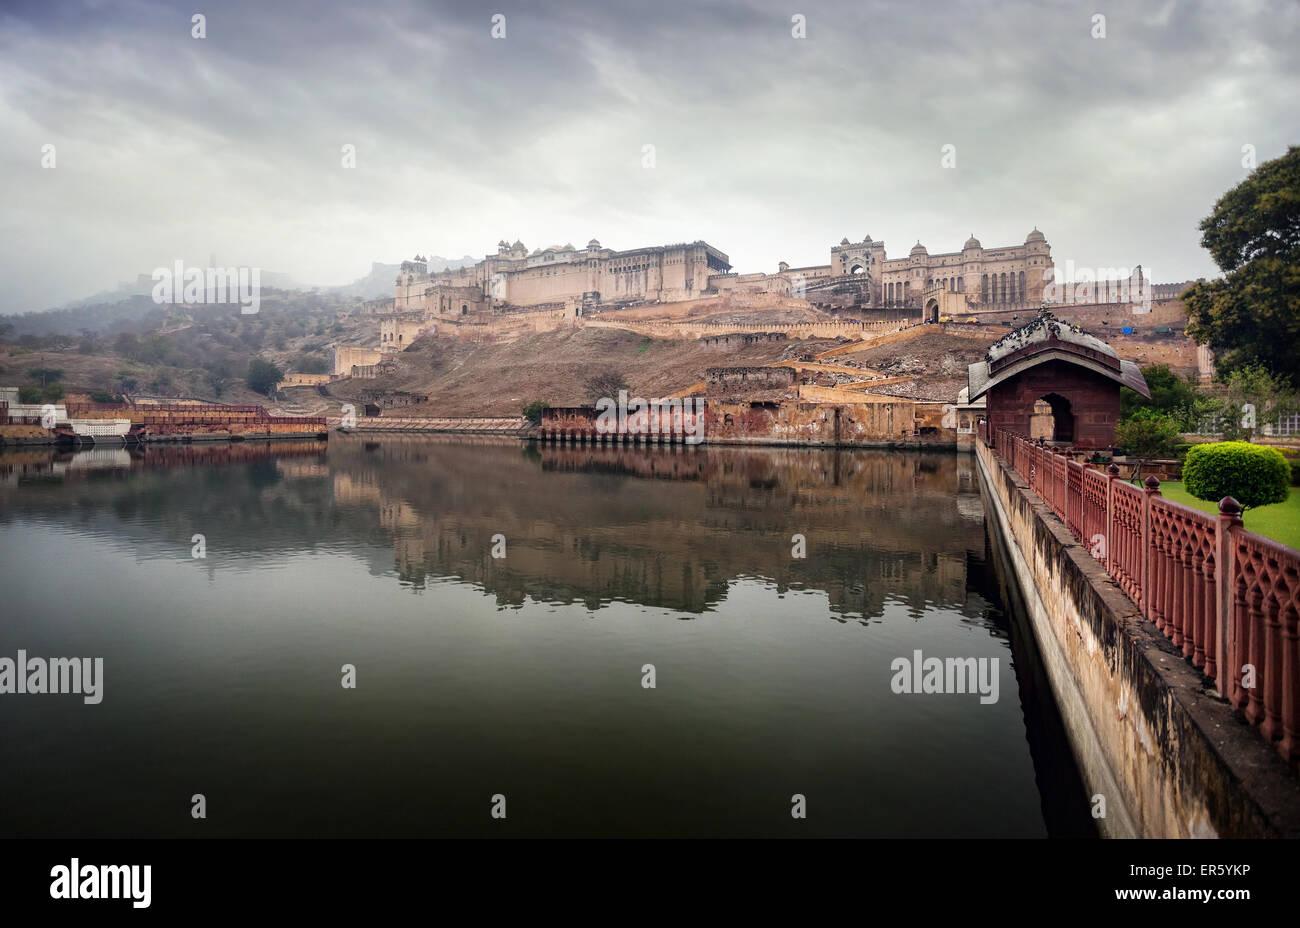 Fort Amber sur la colline, au ciel couvert à Jaipur, Rajasthan, Inde Photo Stock